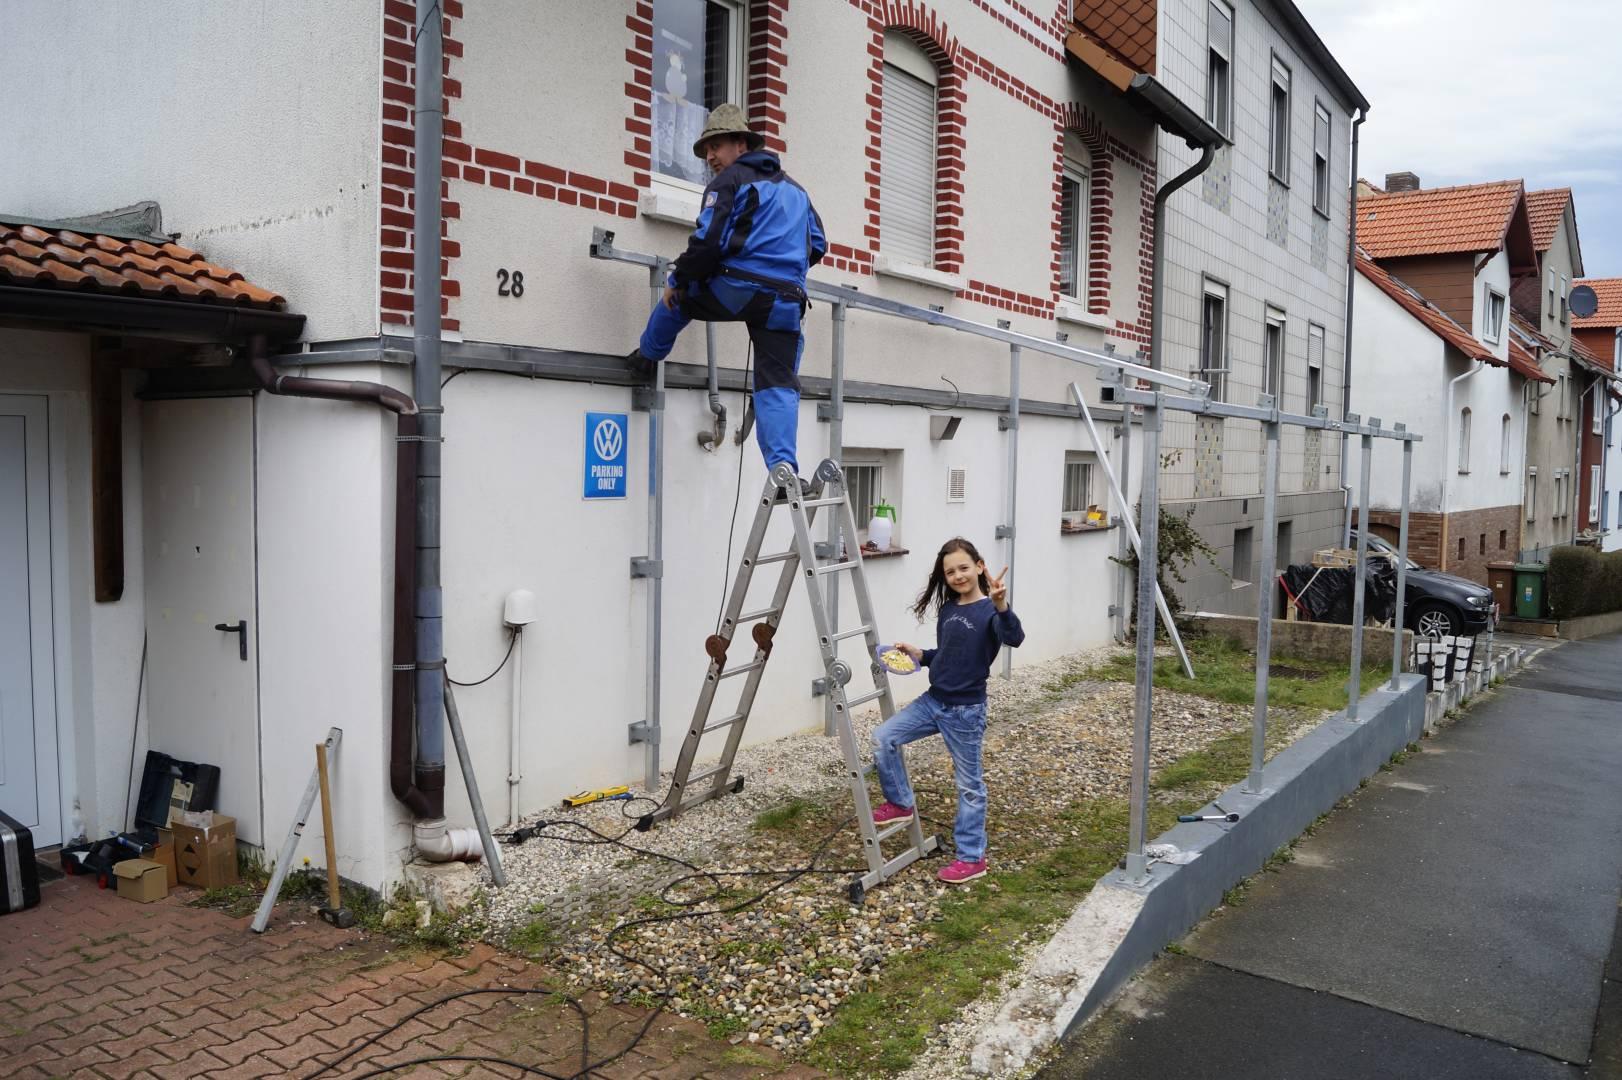 Carport_Aufbau_B04.jpg